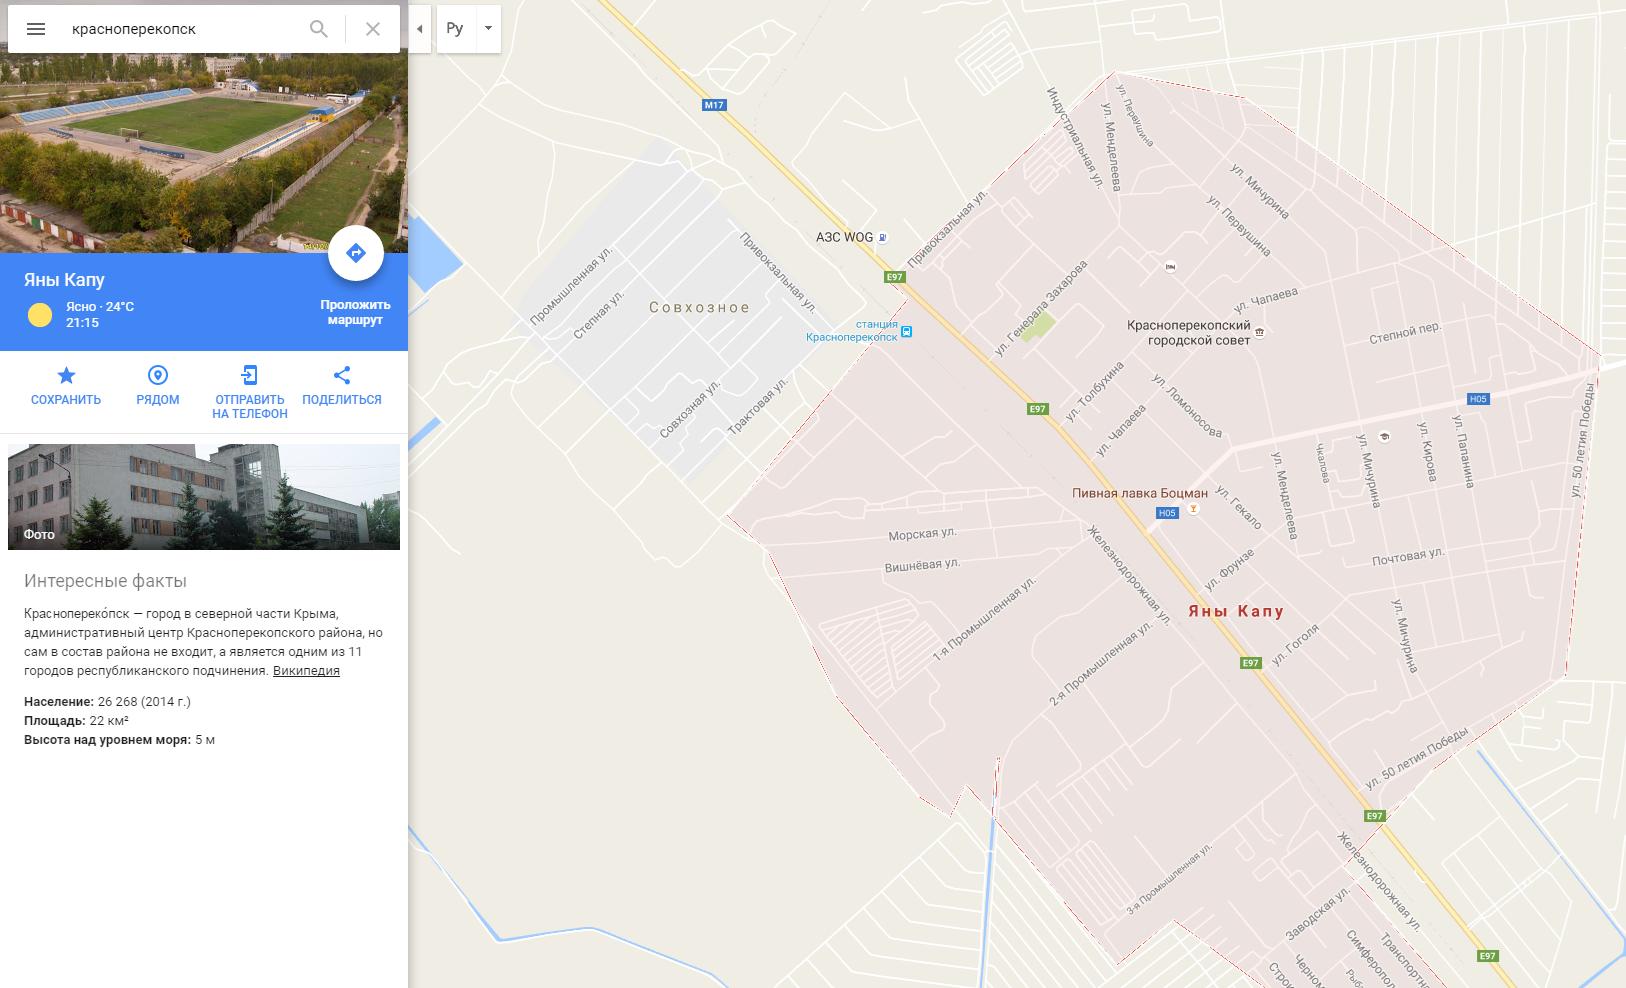 20160727_21-37-Google декоммунизировал Крым-pic2